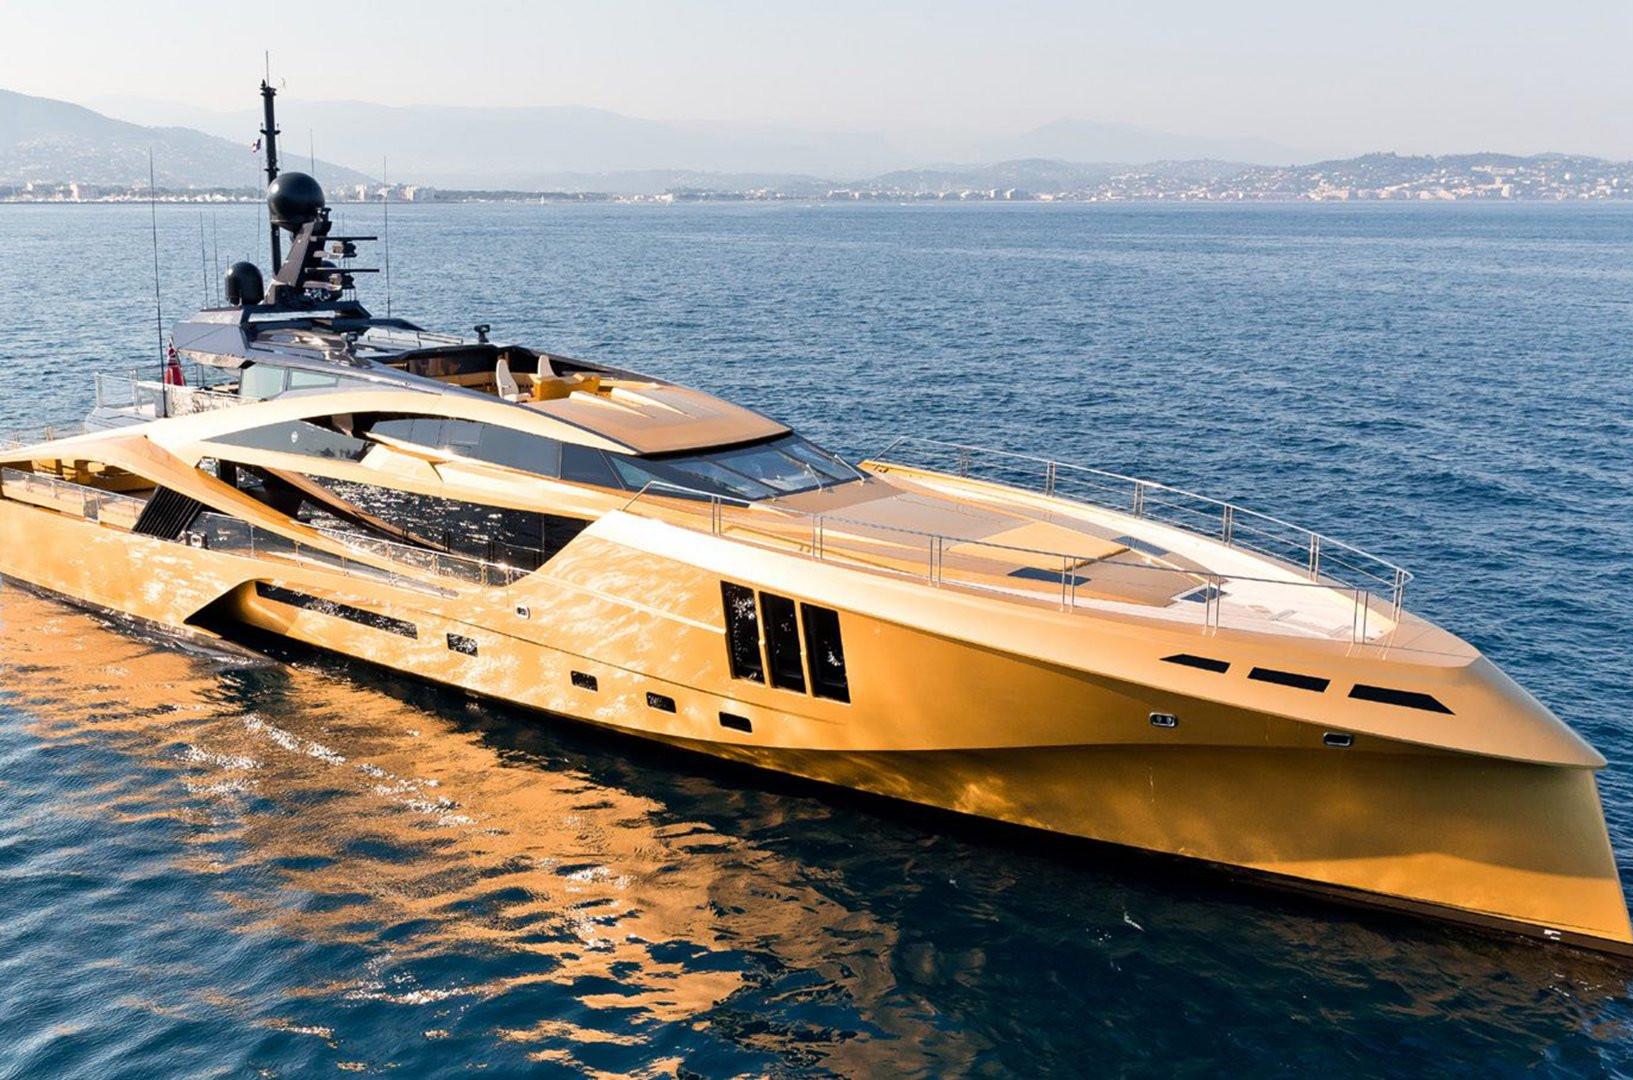 Yacht KHALILAH - at anchor